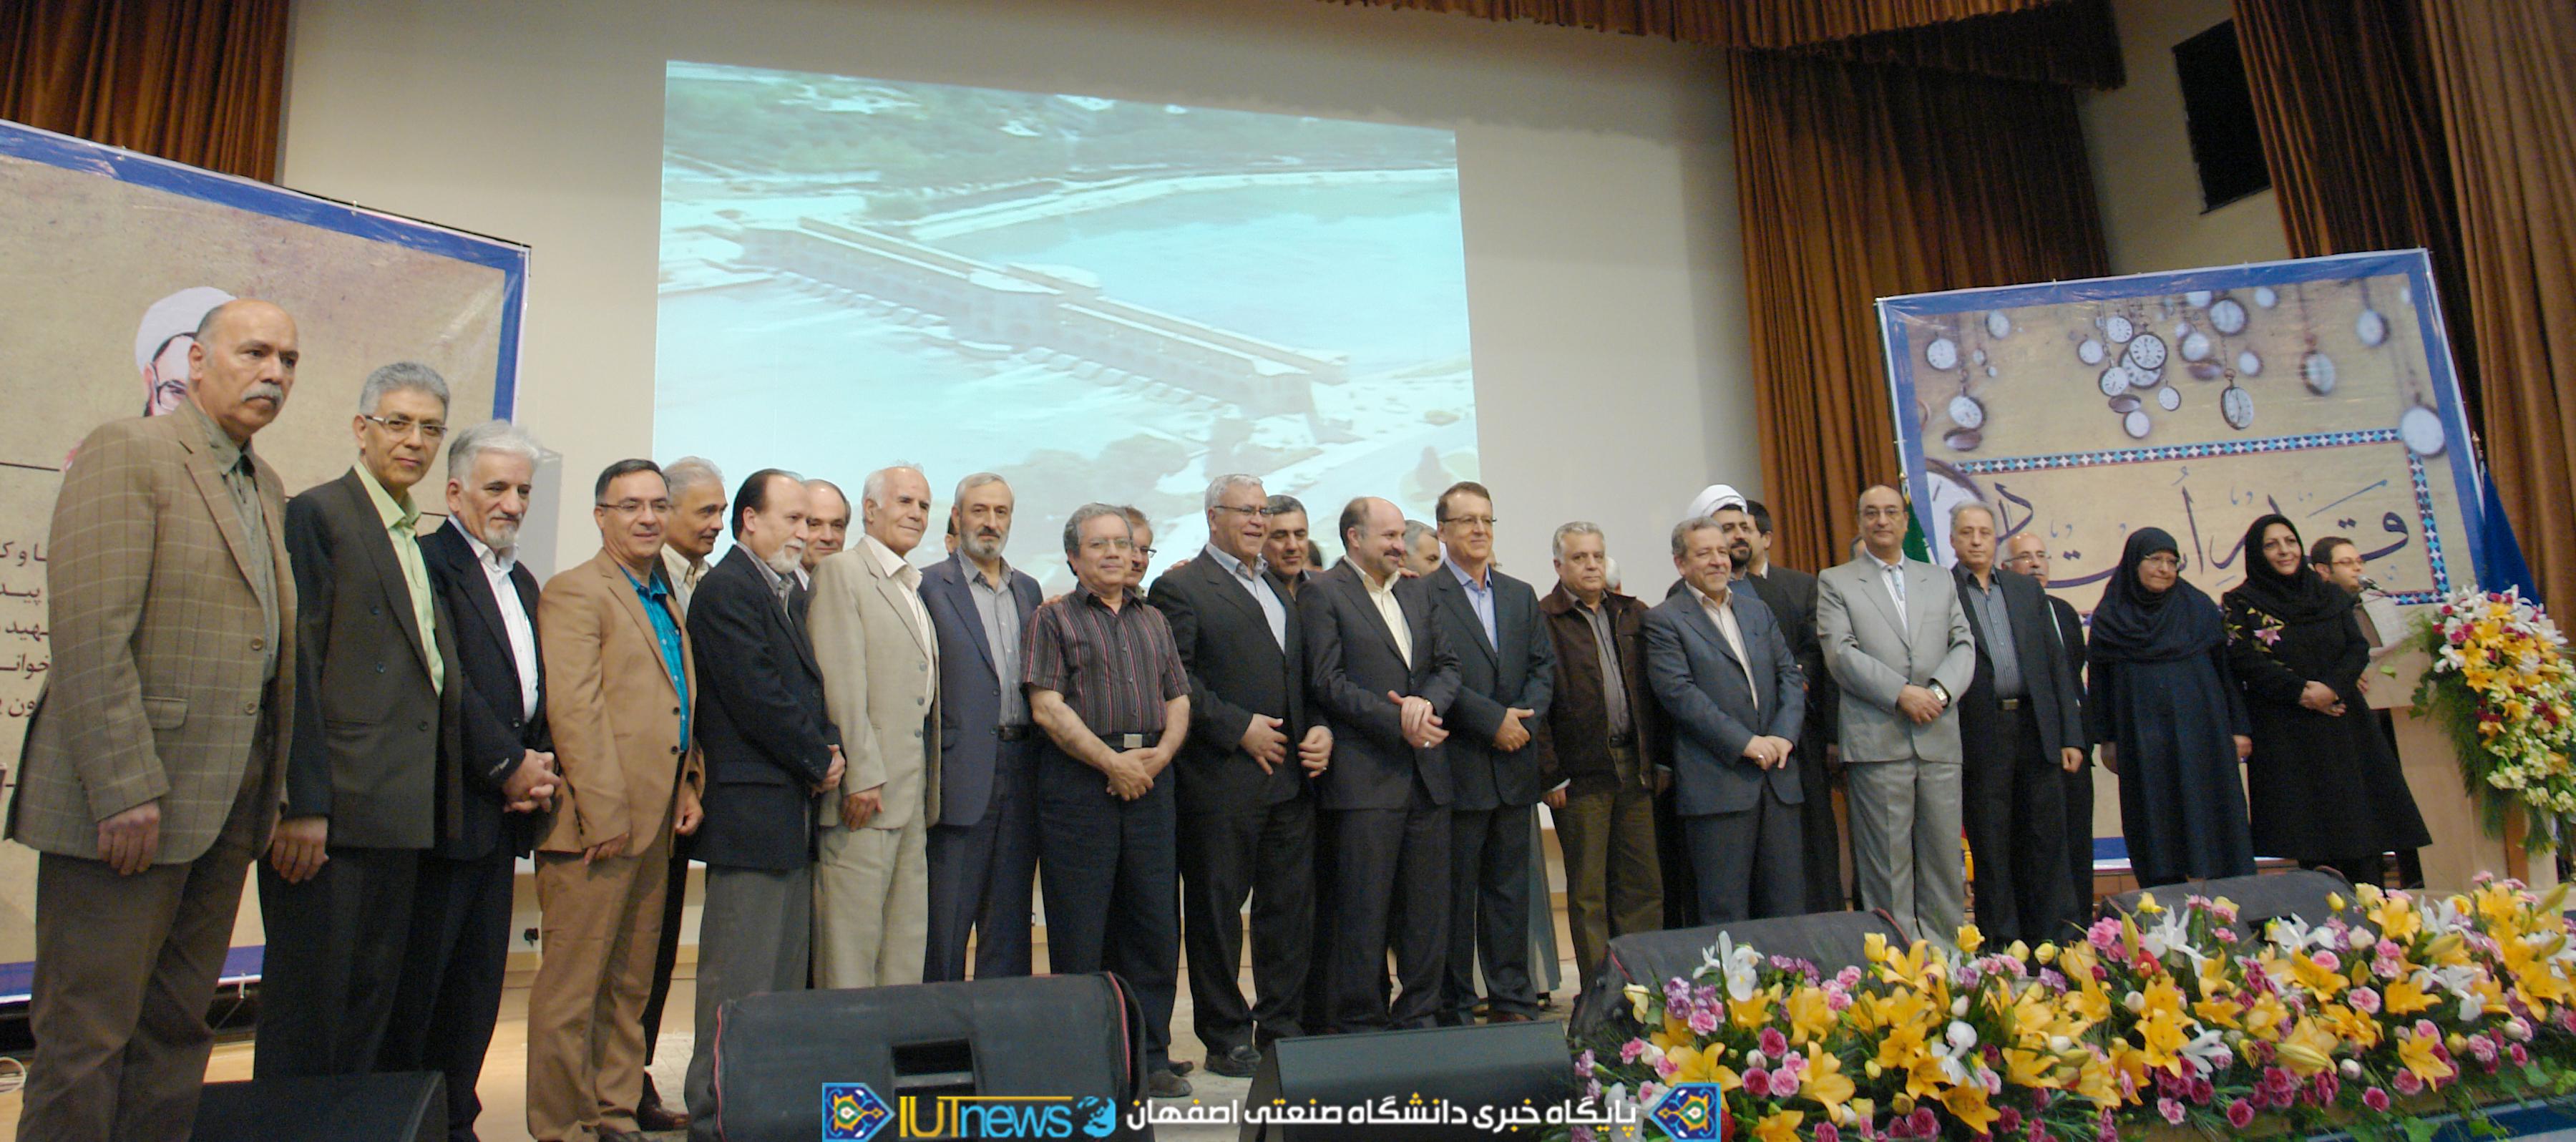 تجلیل از 48 استاد پیشکسوت دانشگاه صنعتی اصفهان تجلیل شد